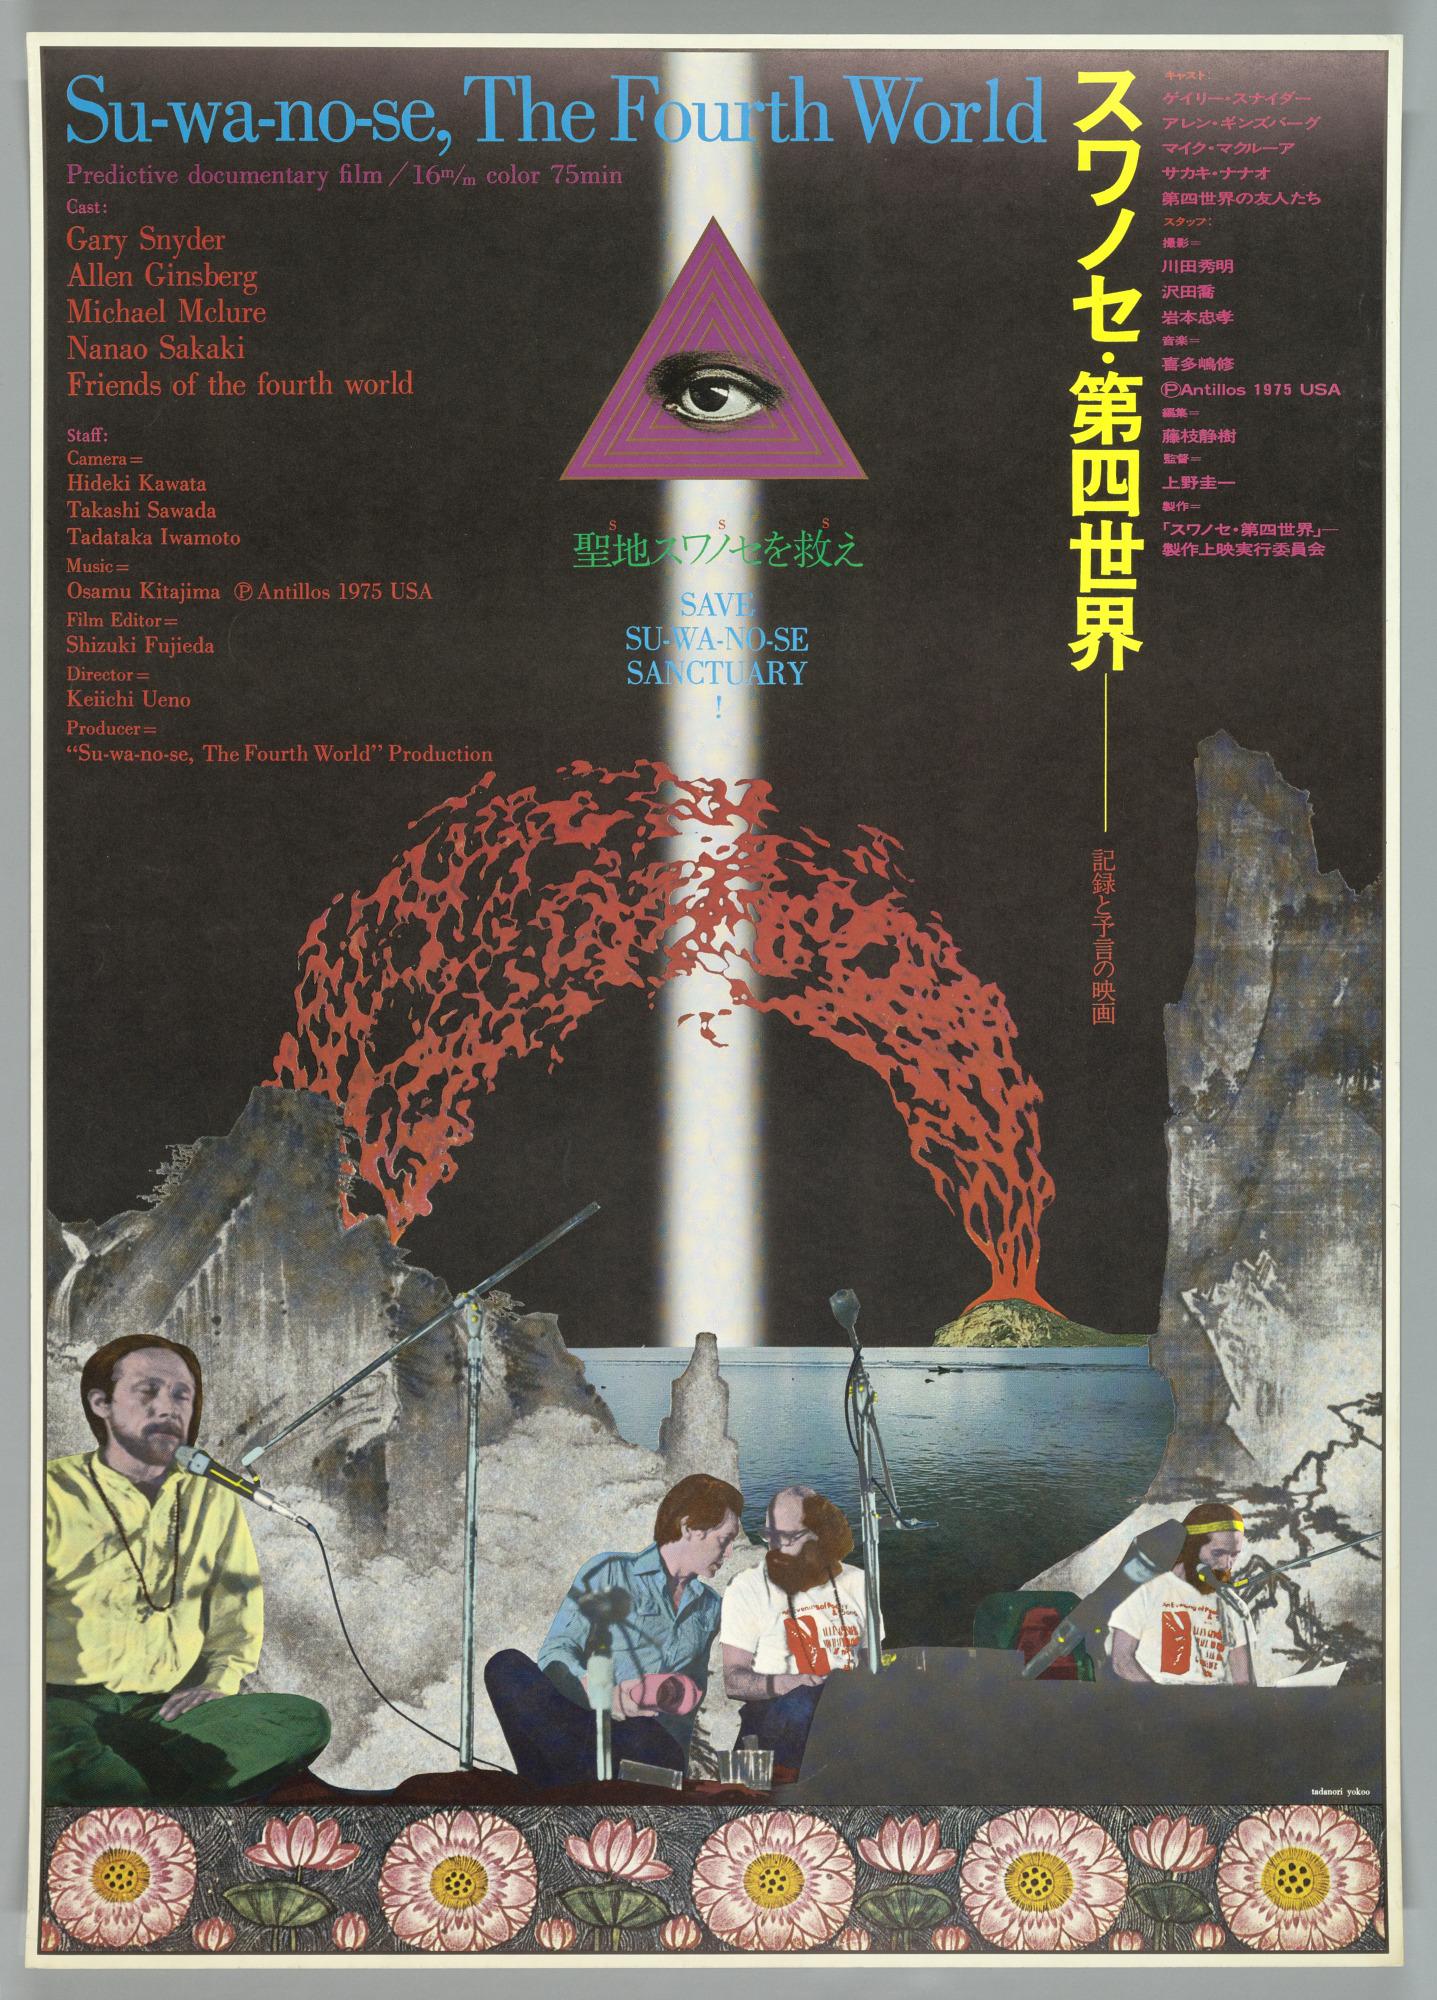 Su-wa-no-se, The Fourth World. Predictive documentary film / 16 m/m color 75 min.